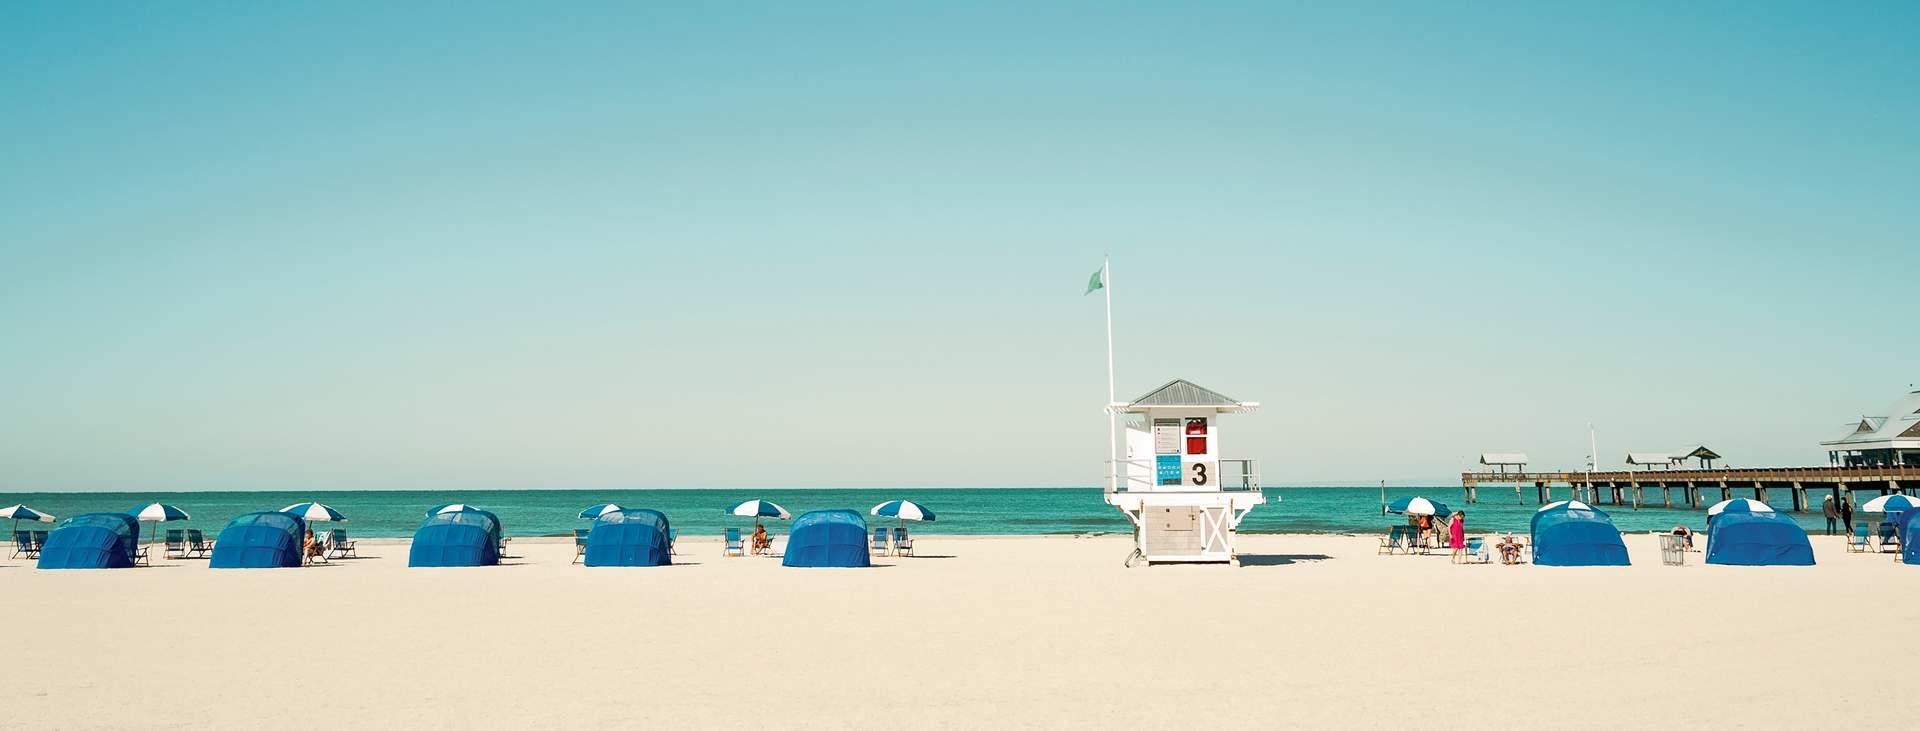 Bestill en reise til Clearwater Beach i Florida – opplev USA med Ving